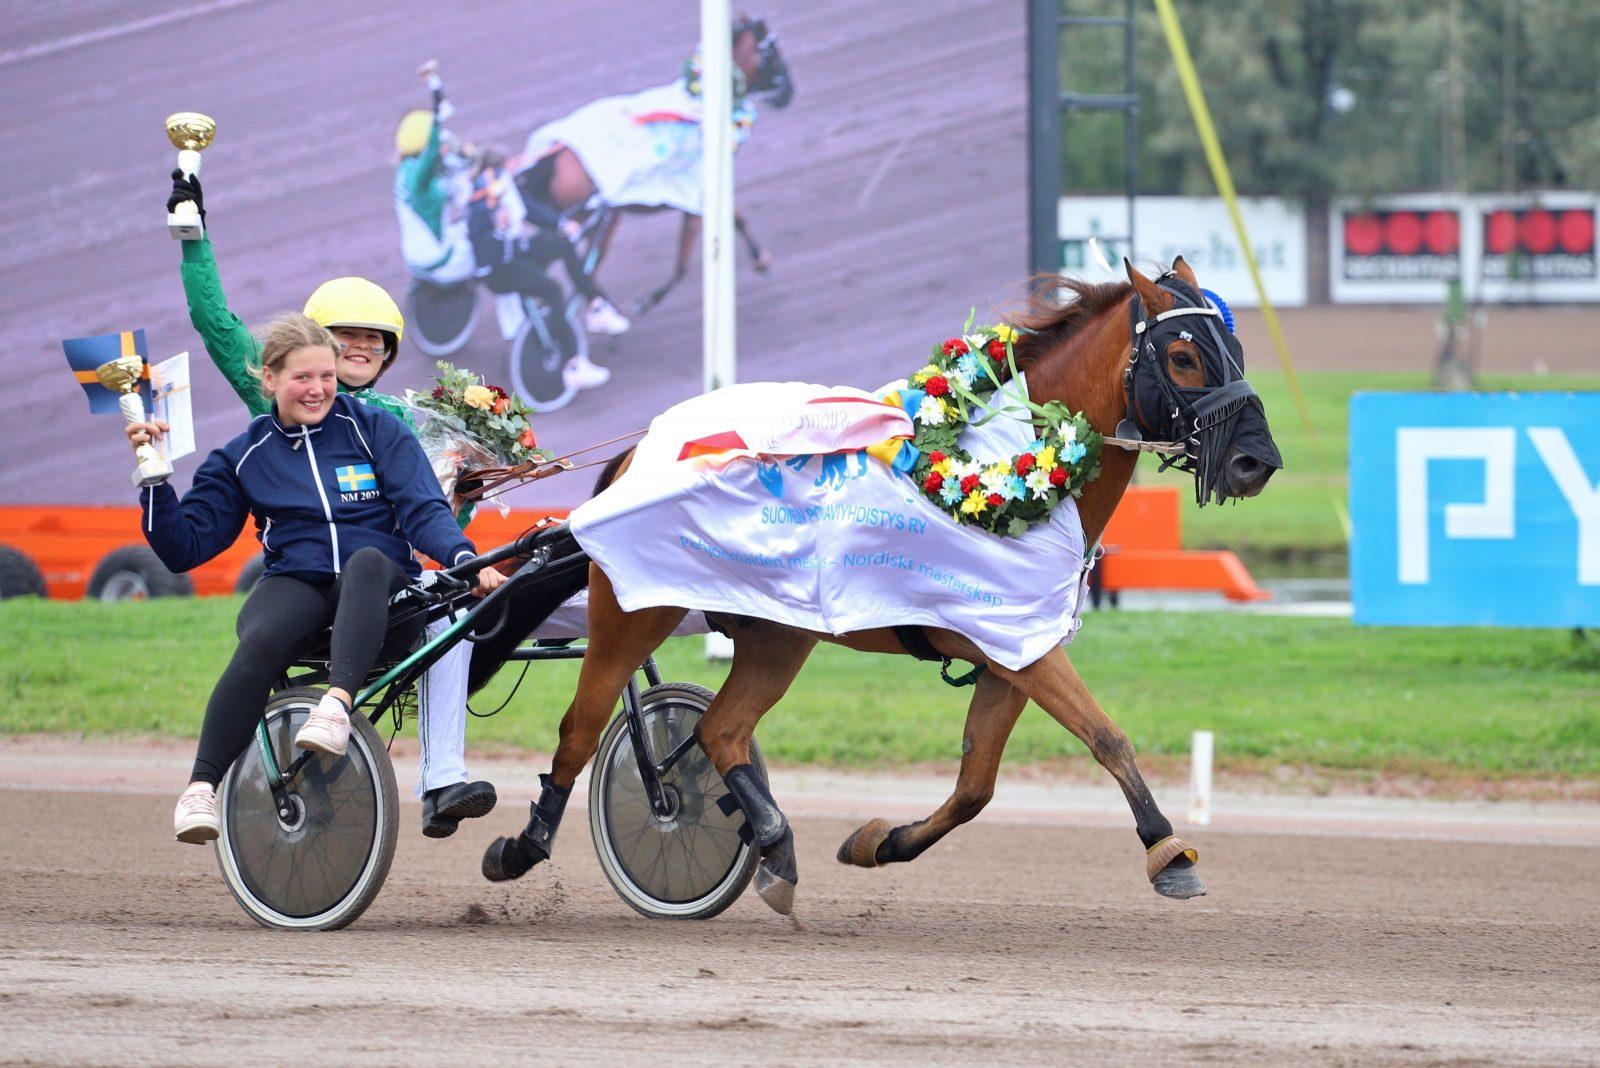 Ekslätts Twilight ja Katariina Hall ovat vuoden 2021 Pohjoismaiden mestarit. Kuva: Hippos / Kaisa Stengård.